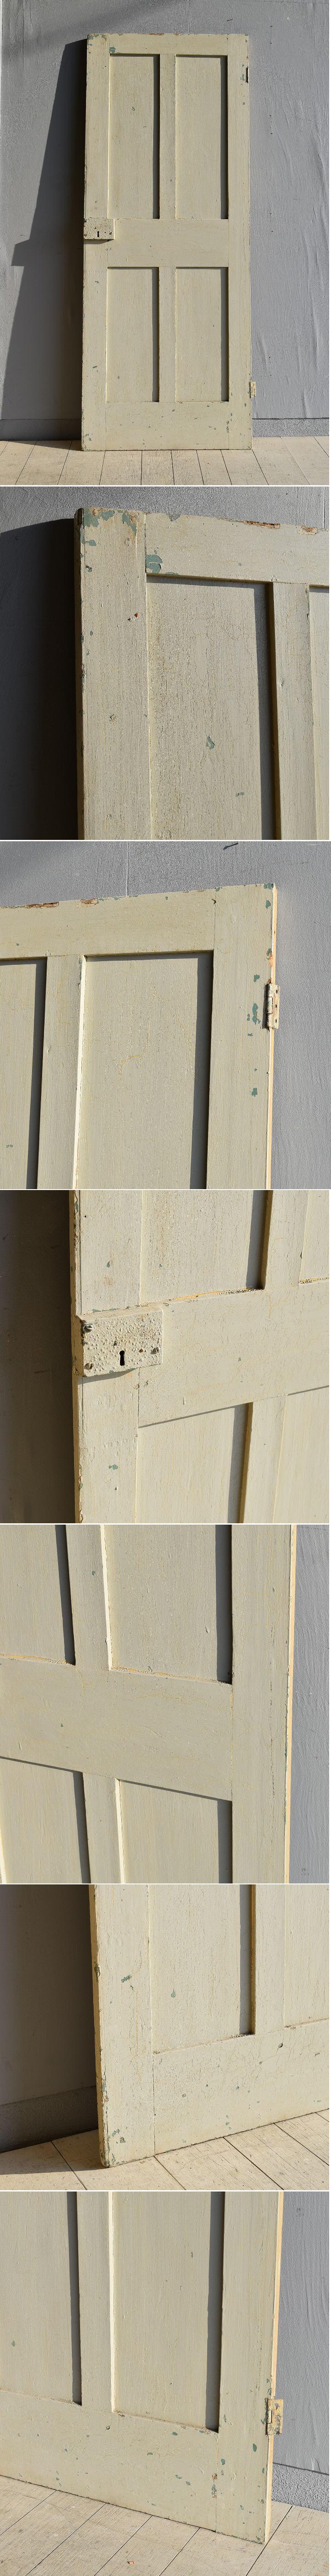 イギリス アンティーク ドア 扉 建具 7893